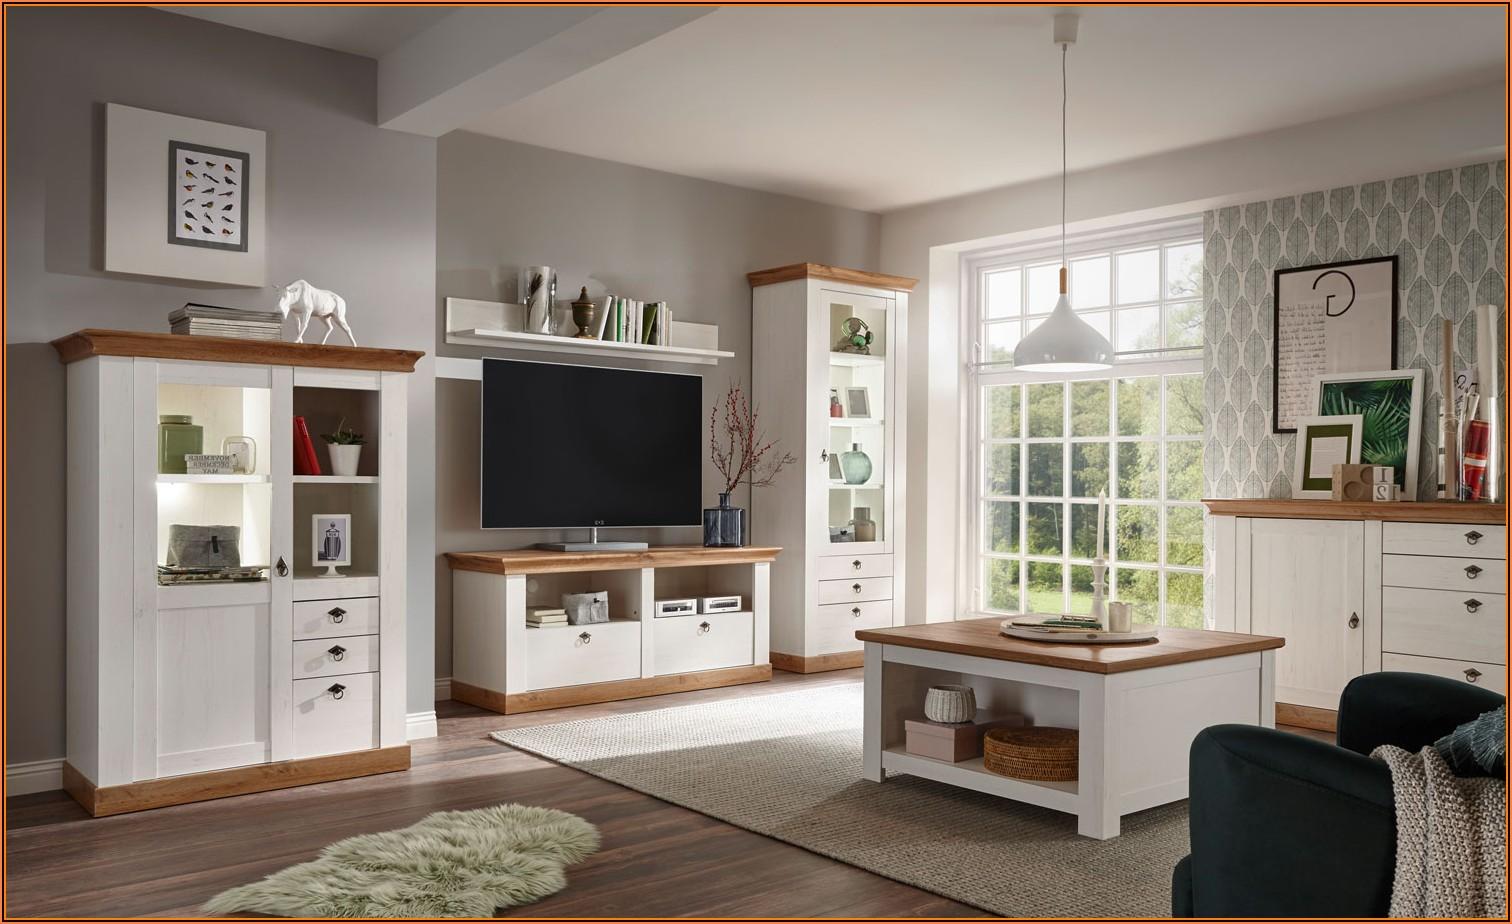 Wohnzimmer Landhaus Bilder